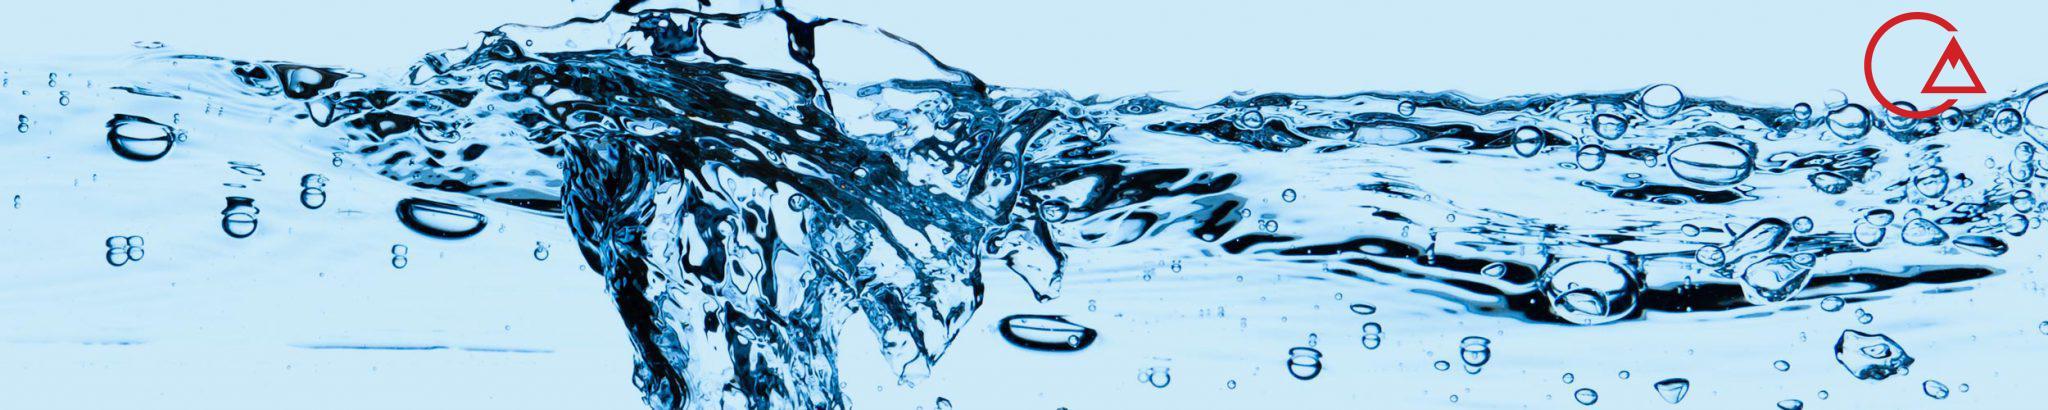 اهمیت آب